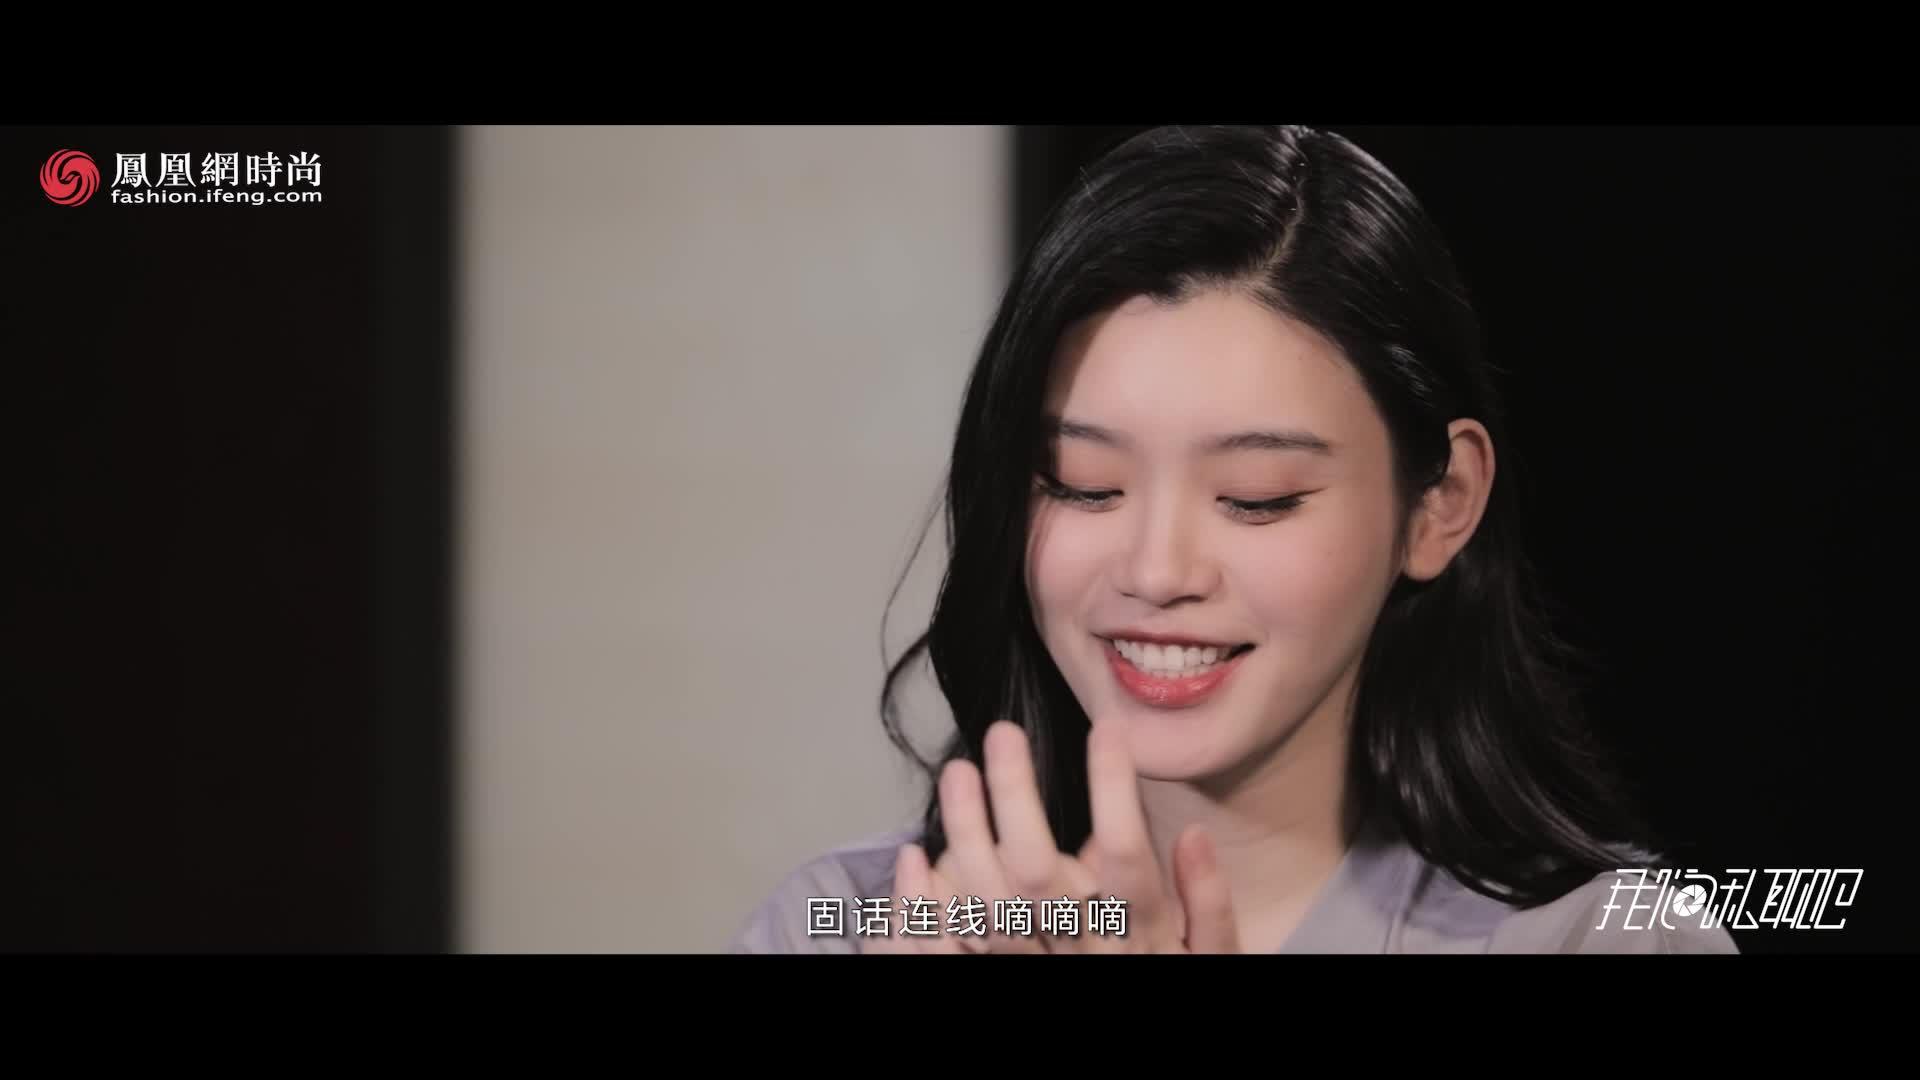 奚梦瑶:爱情不是韩剧,天下没有不吵架的人